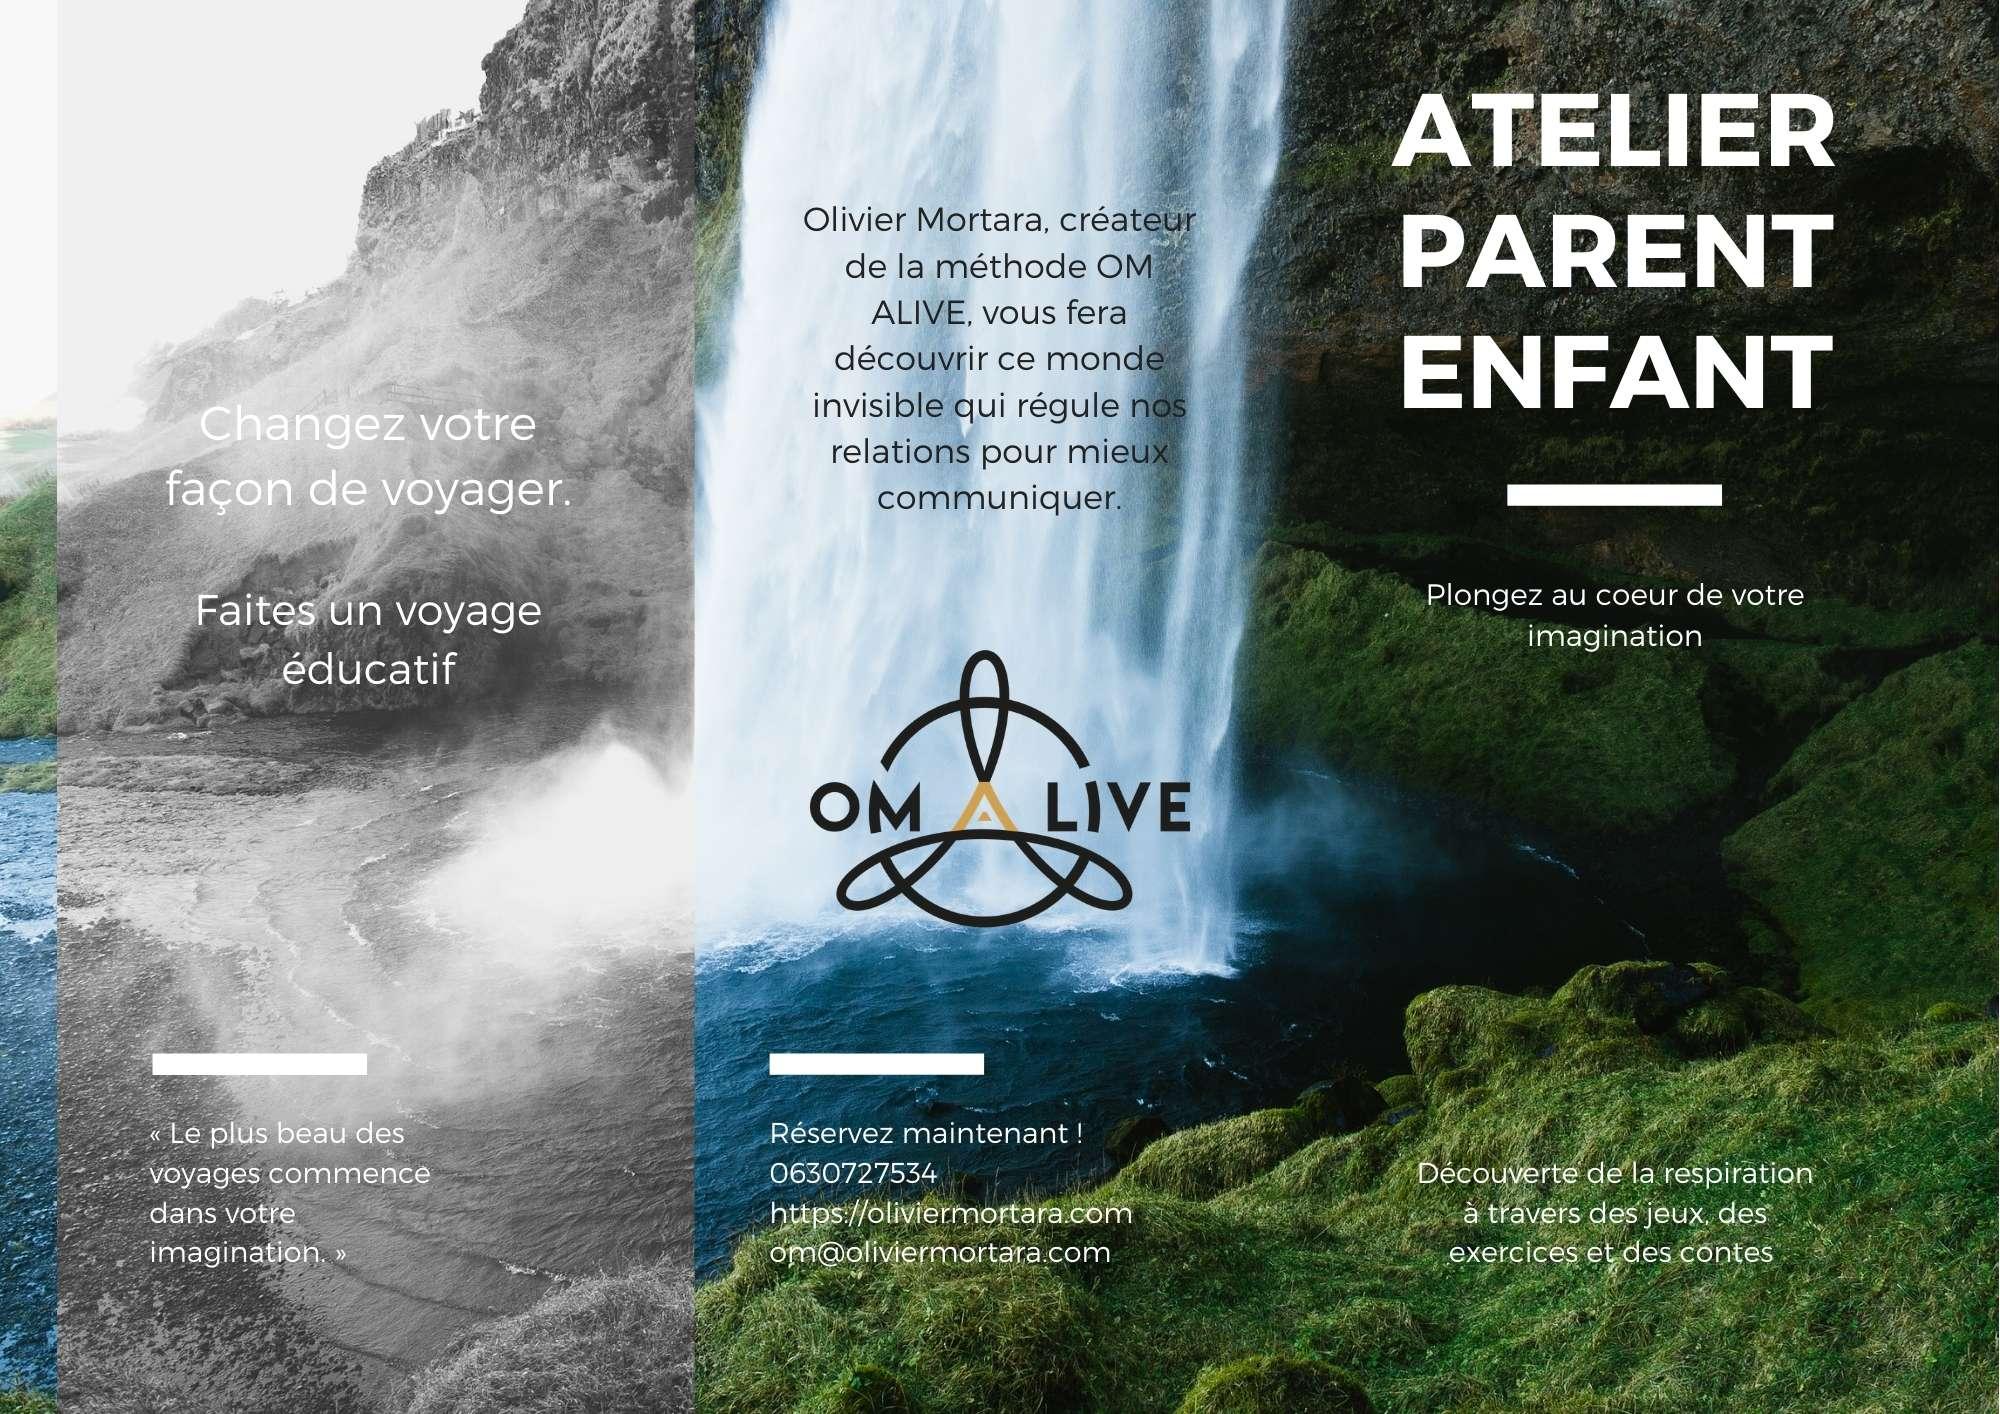 Atelier Parent Enfant – Plongez au coeur de votre imagination / Parent-Child Workshop – Dive into your imagination